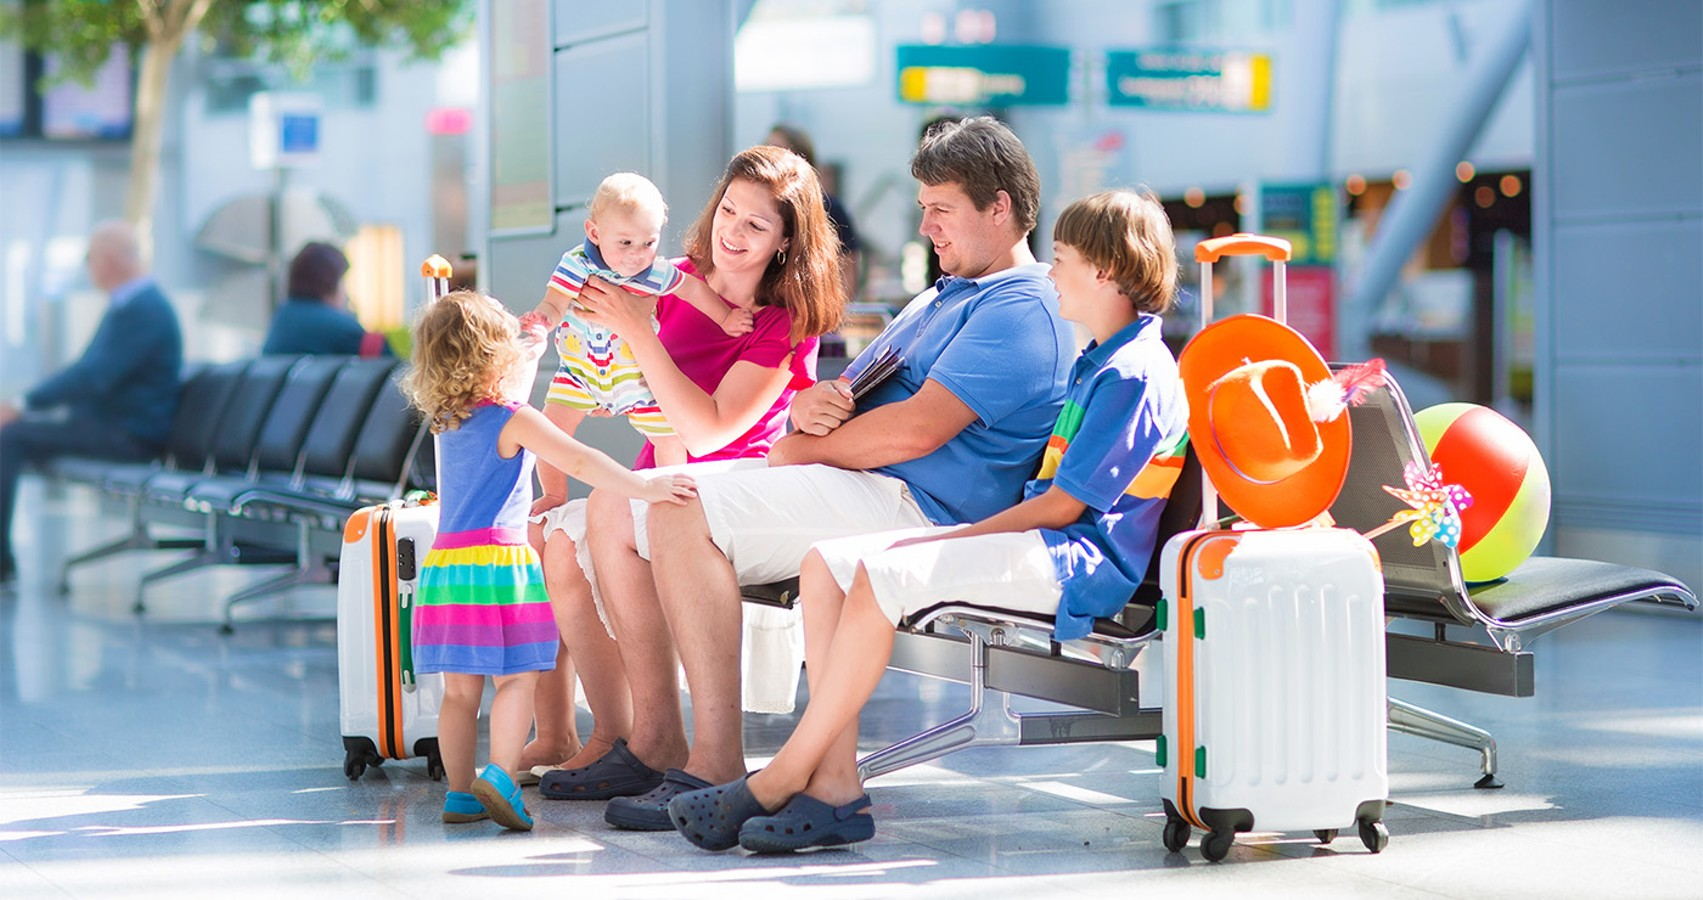 Как организовать семейный досуг: идеи для активного и спокойного отдыха